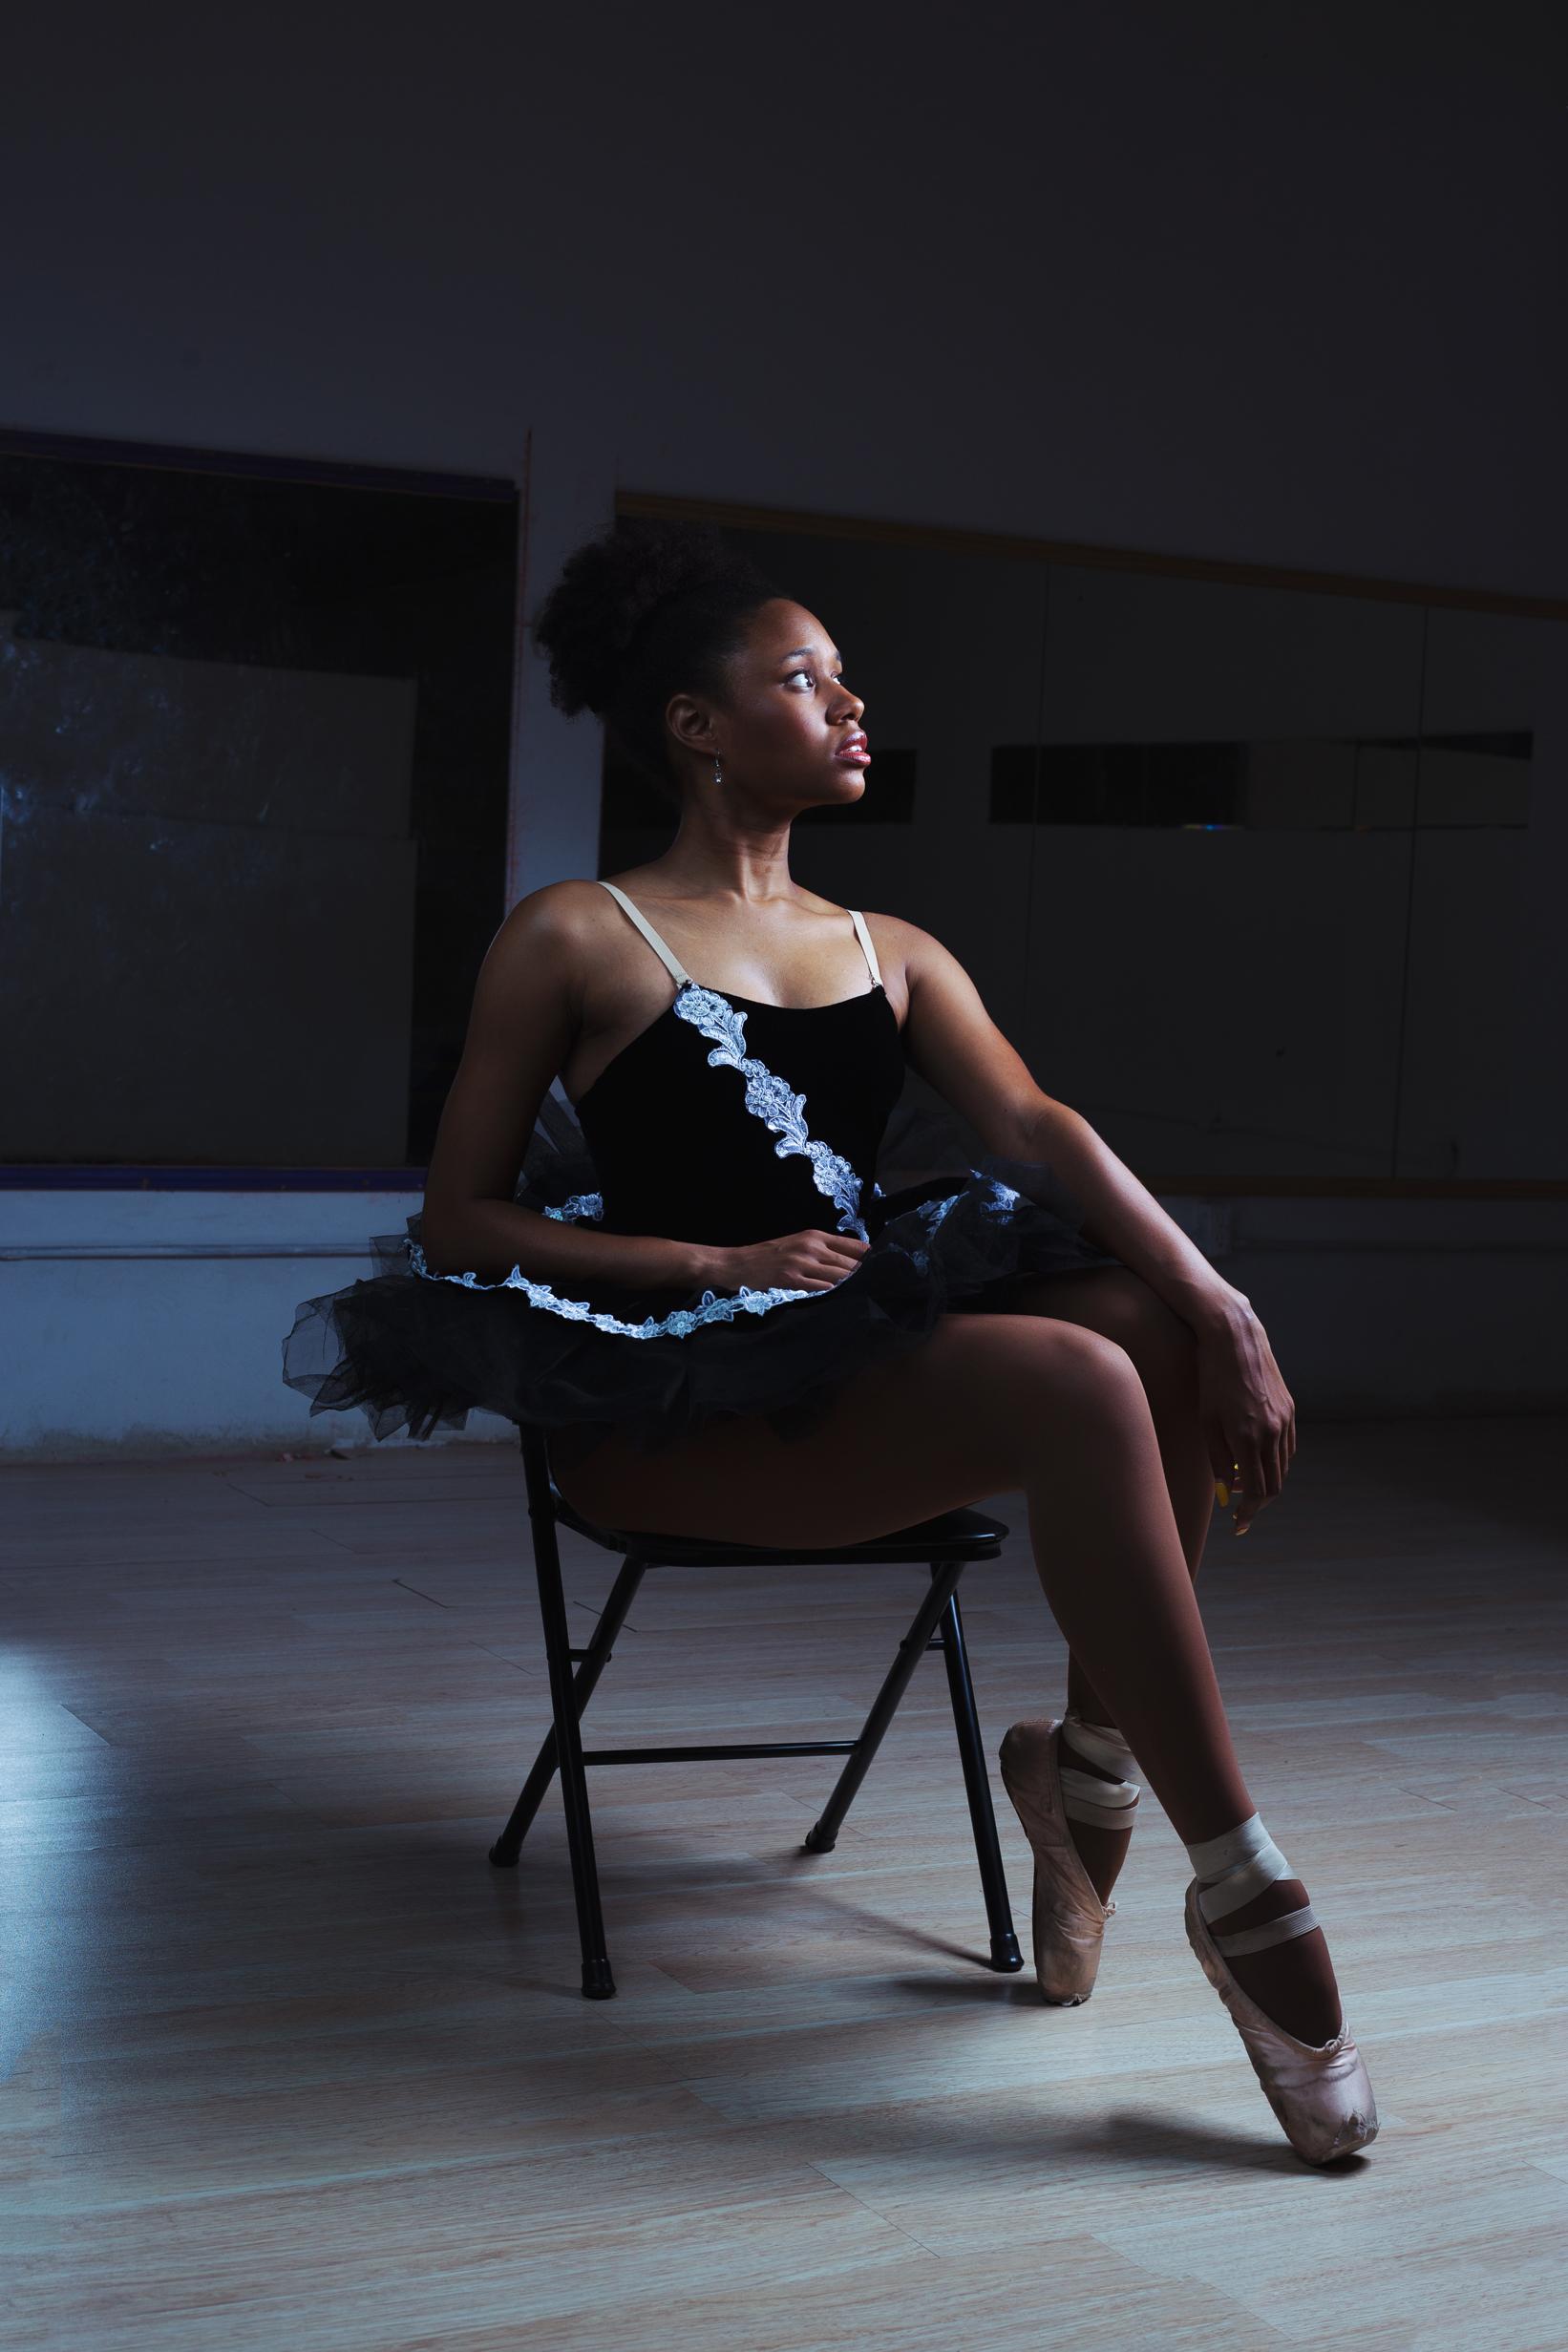 ballet-dancer-chamber-photographer-antoine-hart-3.jpg